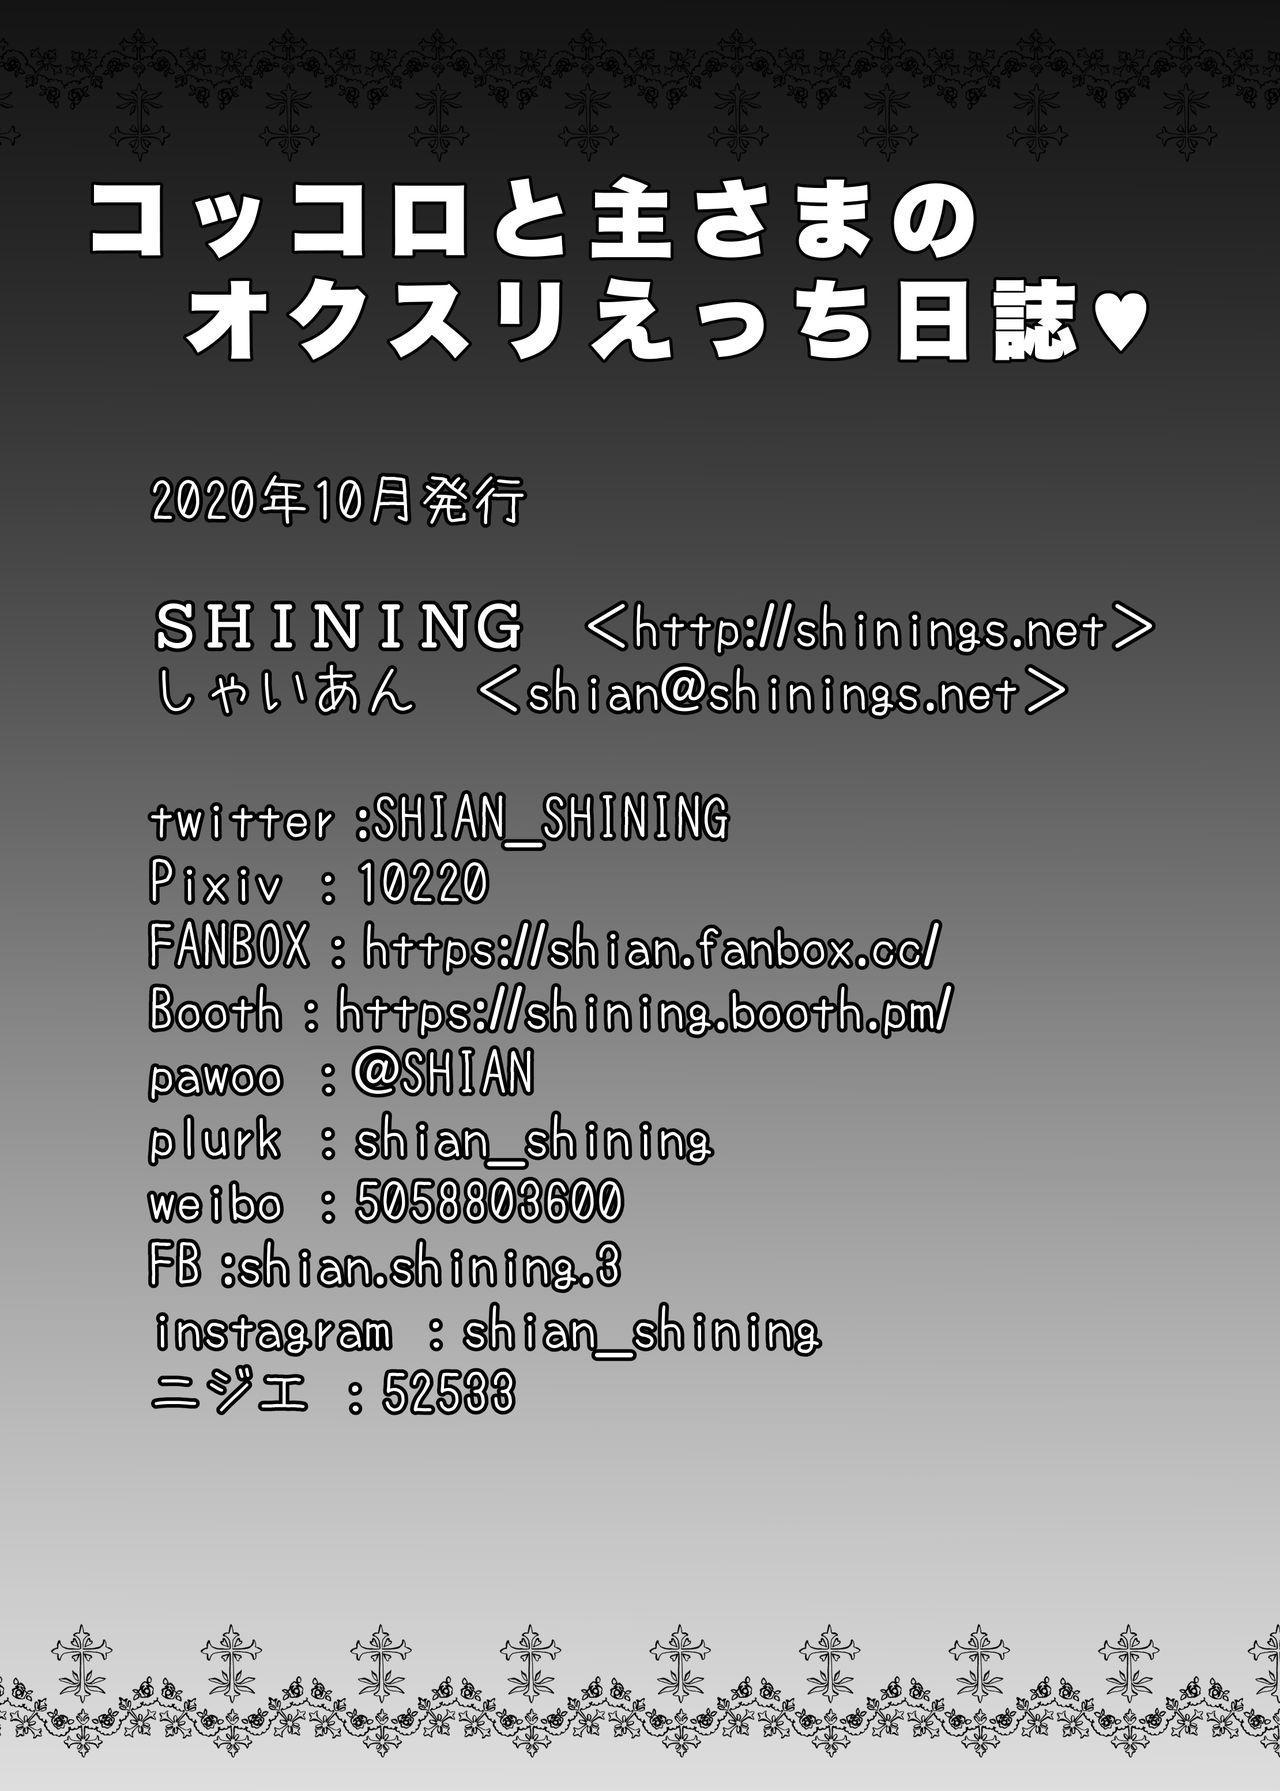 Kokkoro to Aruji-sama no Okusuri Ecchi Nisshi 21